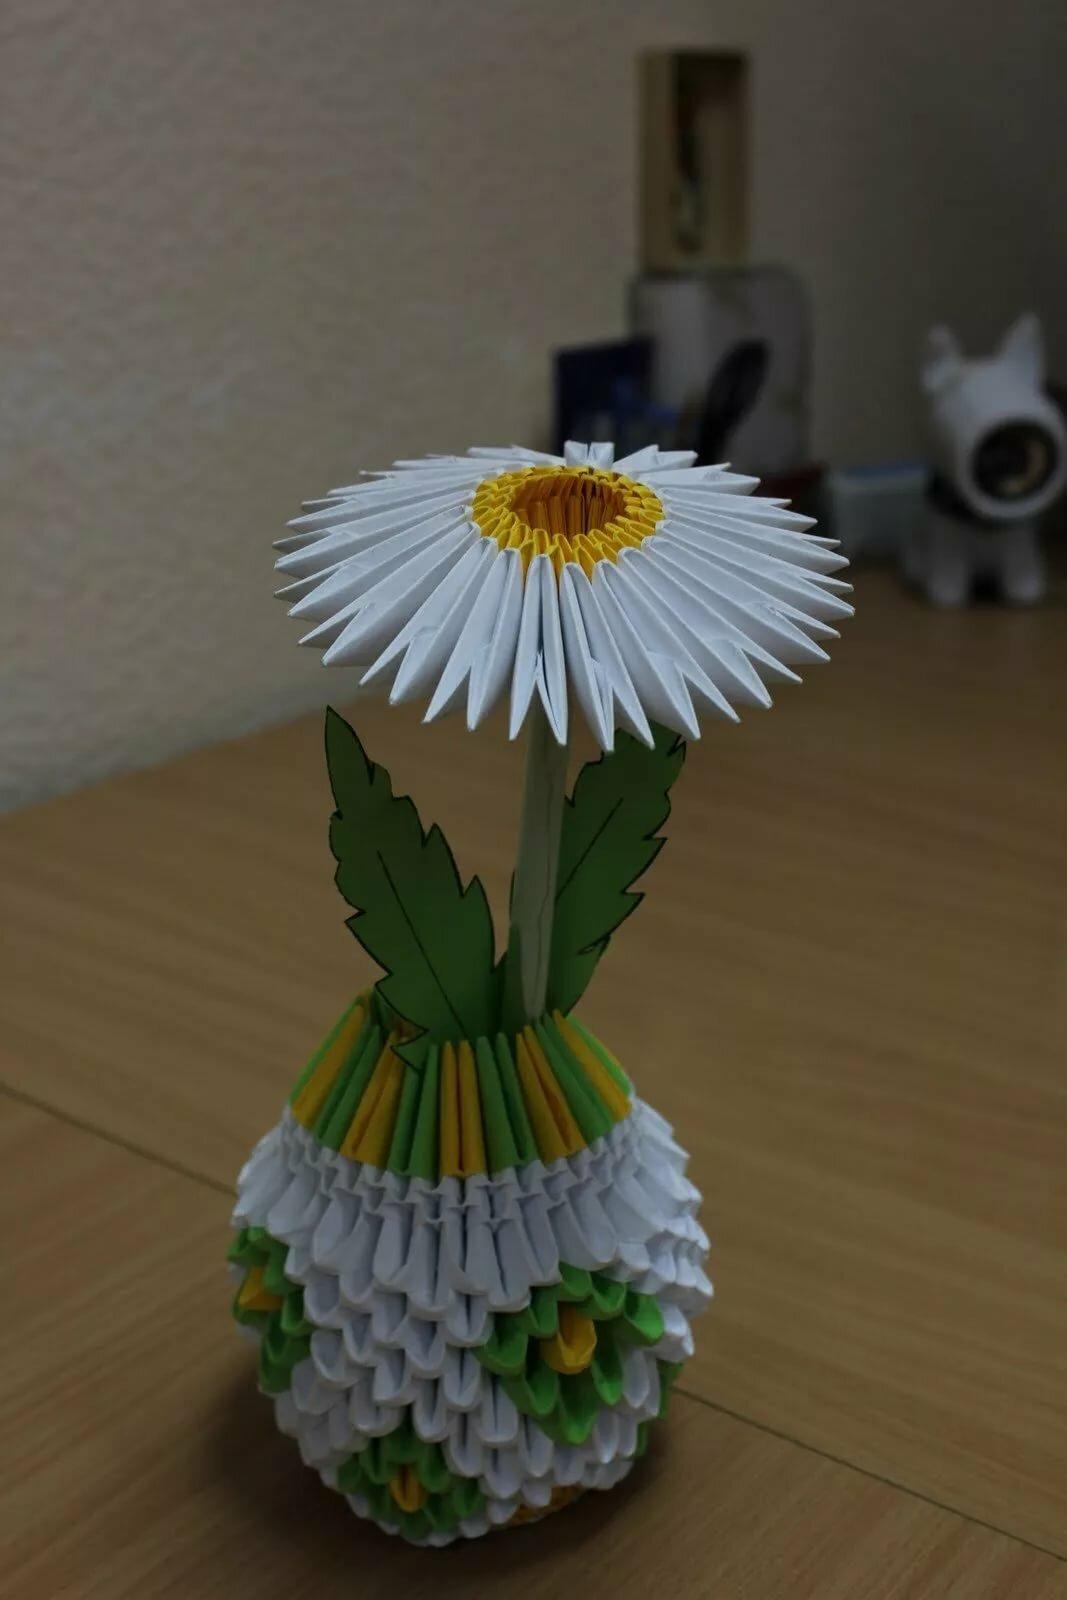 Ваза оригами из модулей для начинающих: инструкция, как сделать своими руками! 100 фото лучших идей с эксклюзивным дизайном + мастер-класс